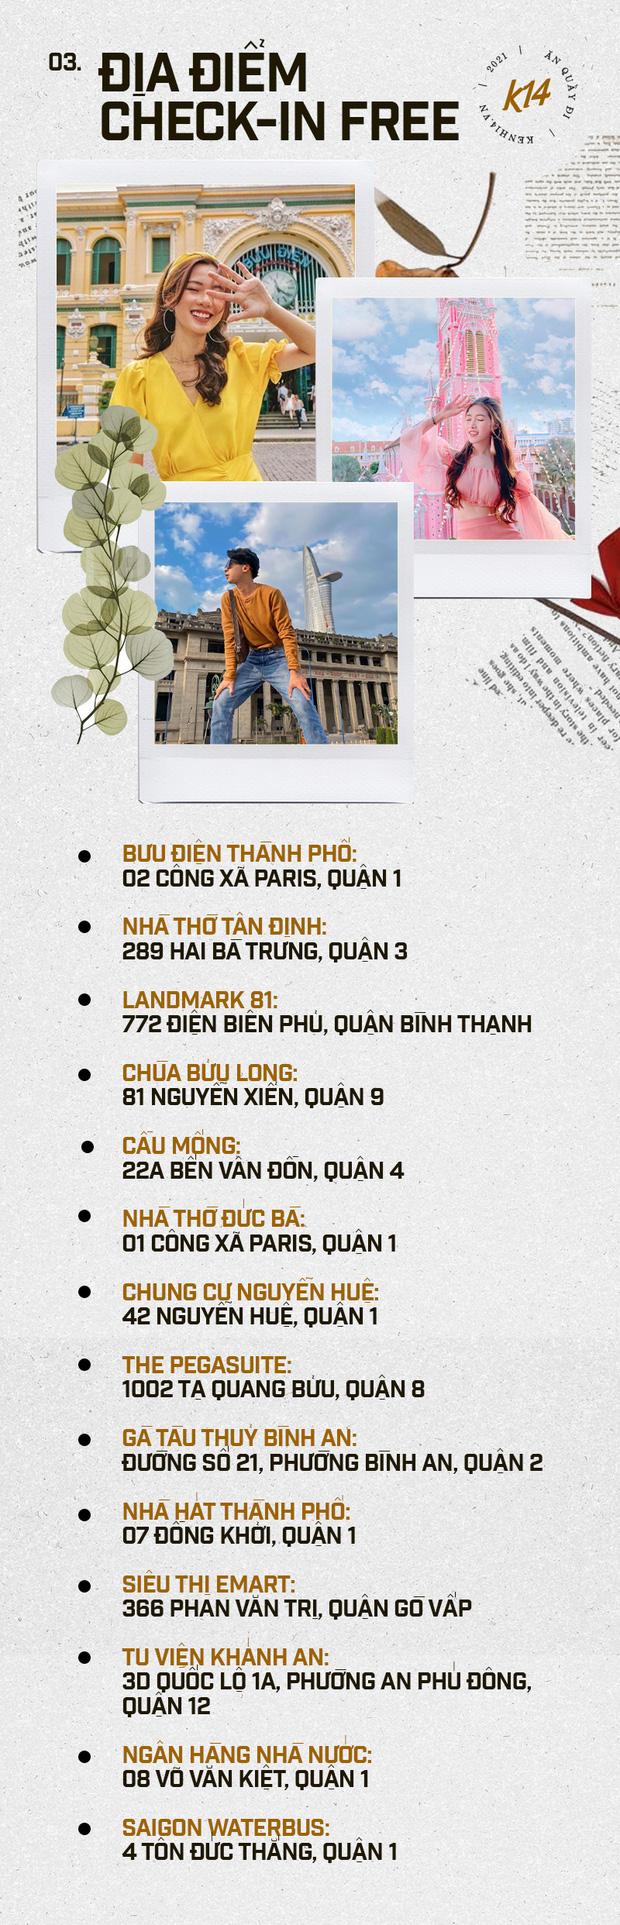 Tất tần tật những nơi để đi nếu dịp lễ này bạn vẫn phải chôn chân tại Sài Gòn: Cần gì du lịch xa mà vẫn vui! - Ảnh 3.